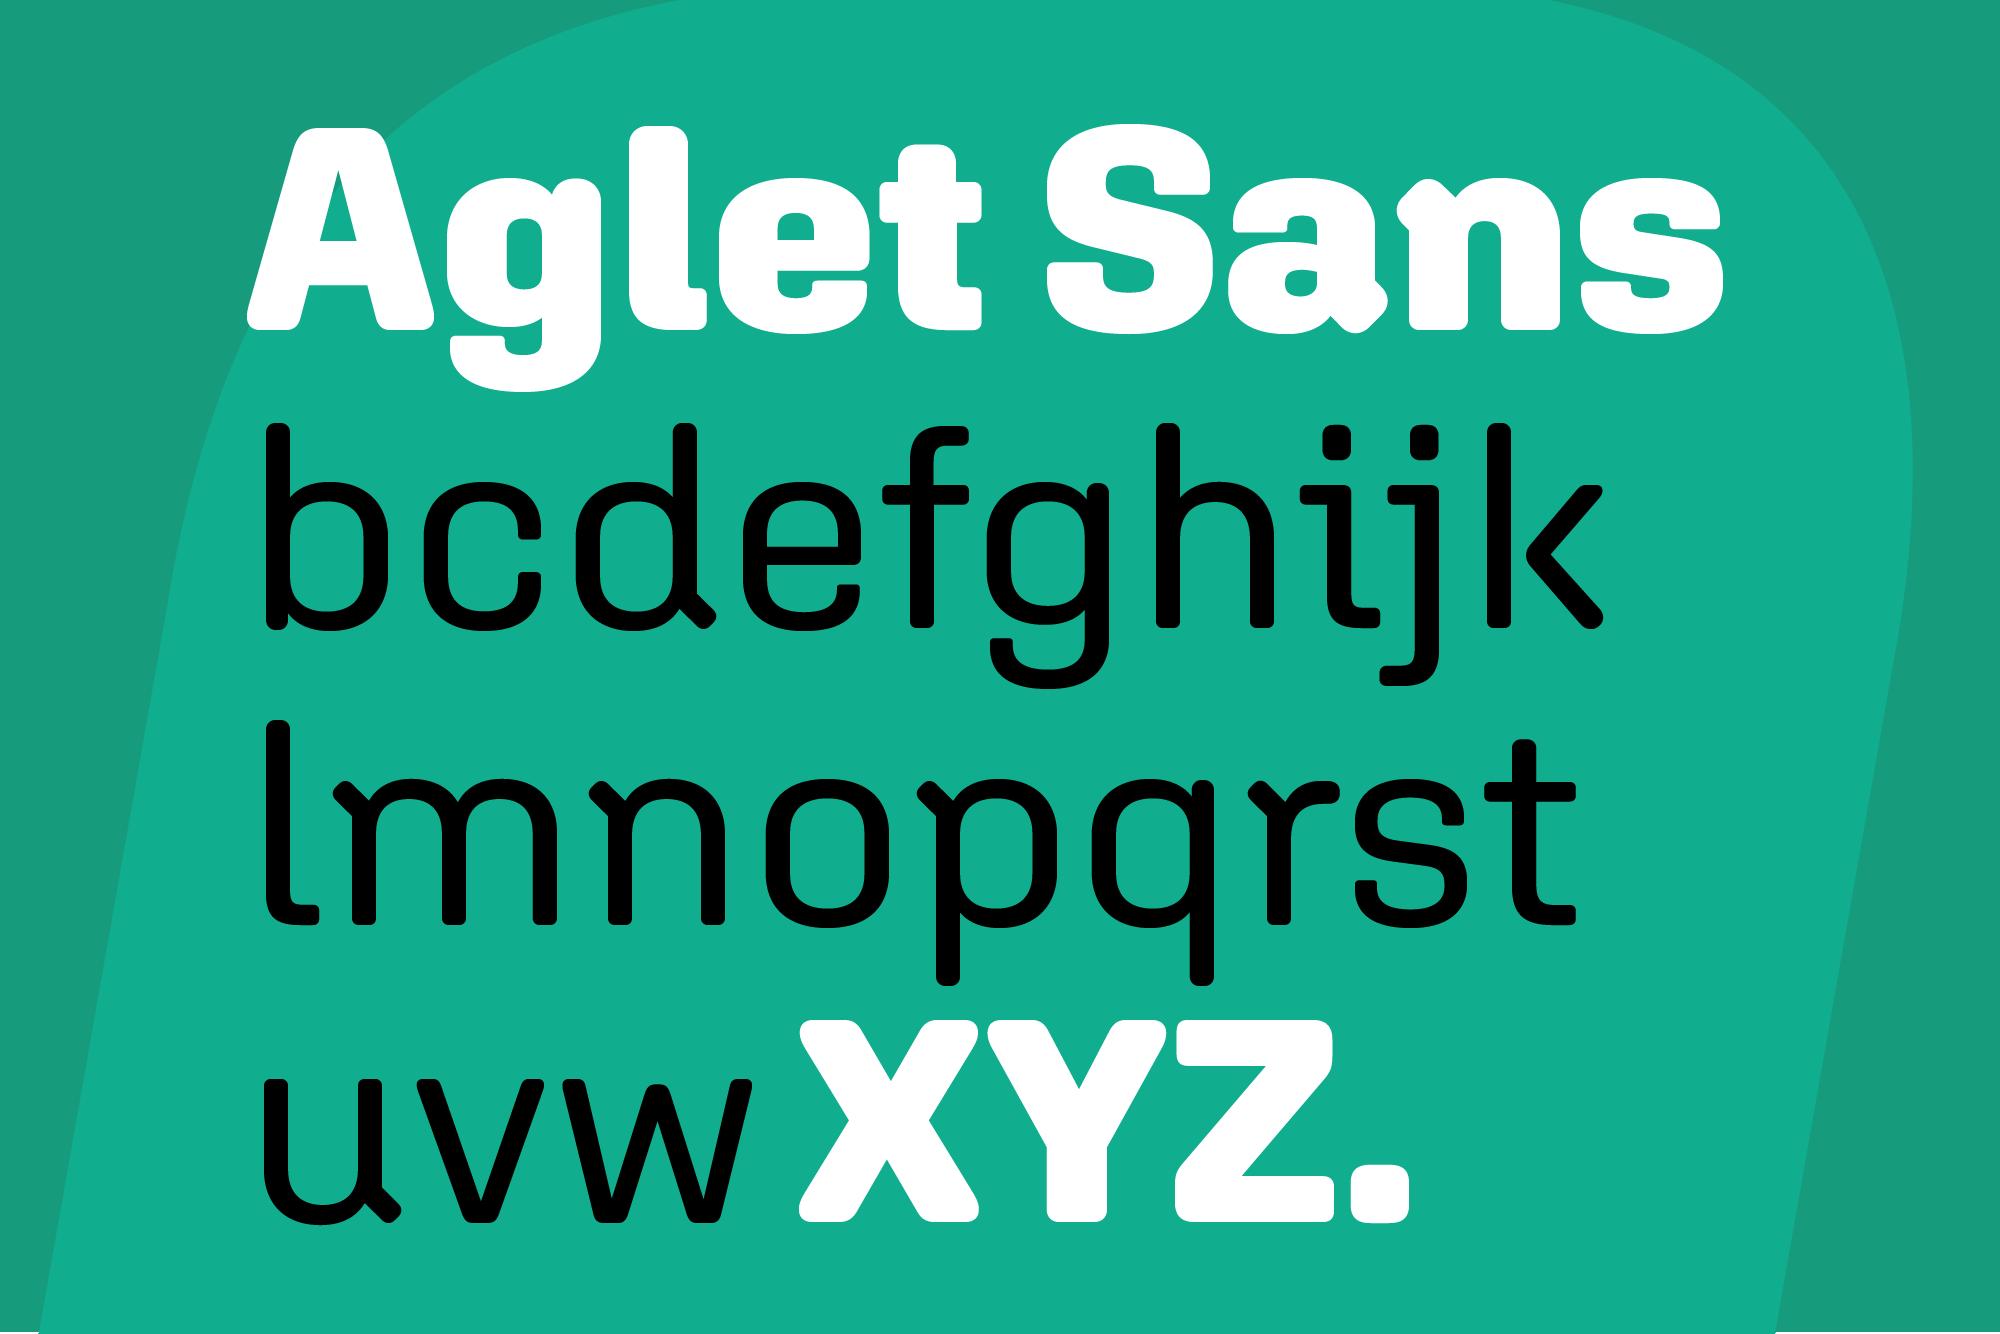 xyz-aglet-sans-alphabet-green.png